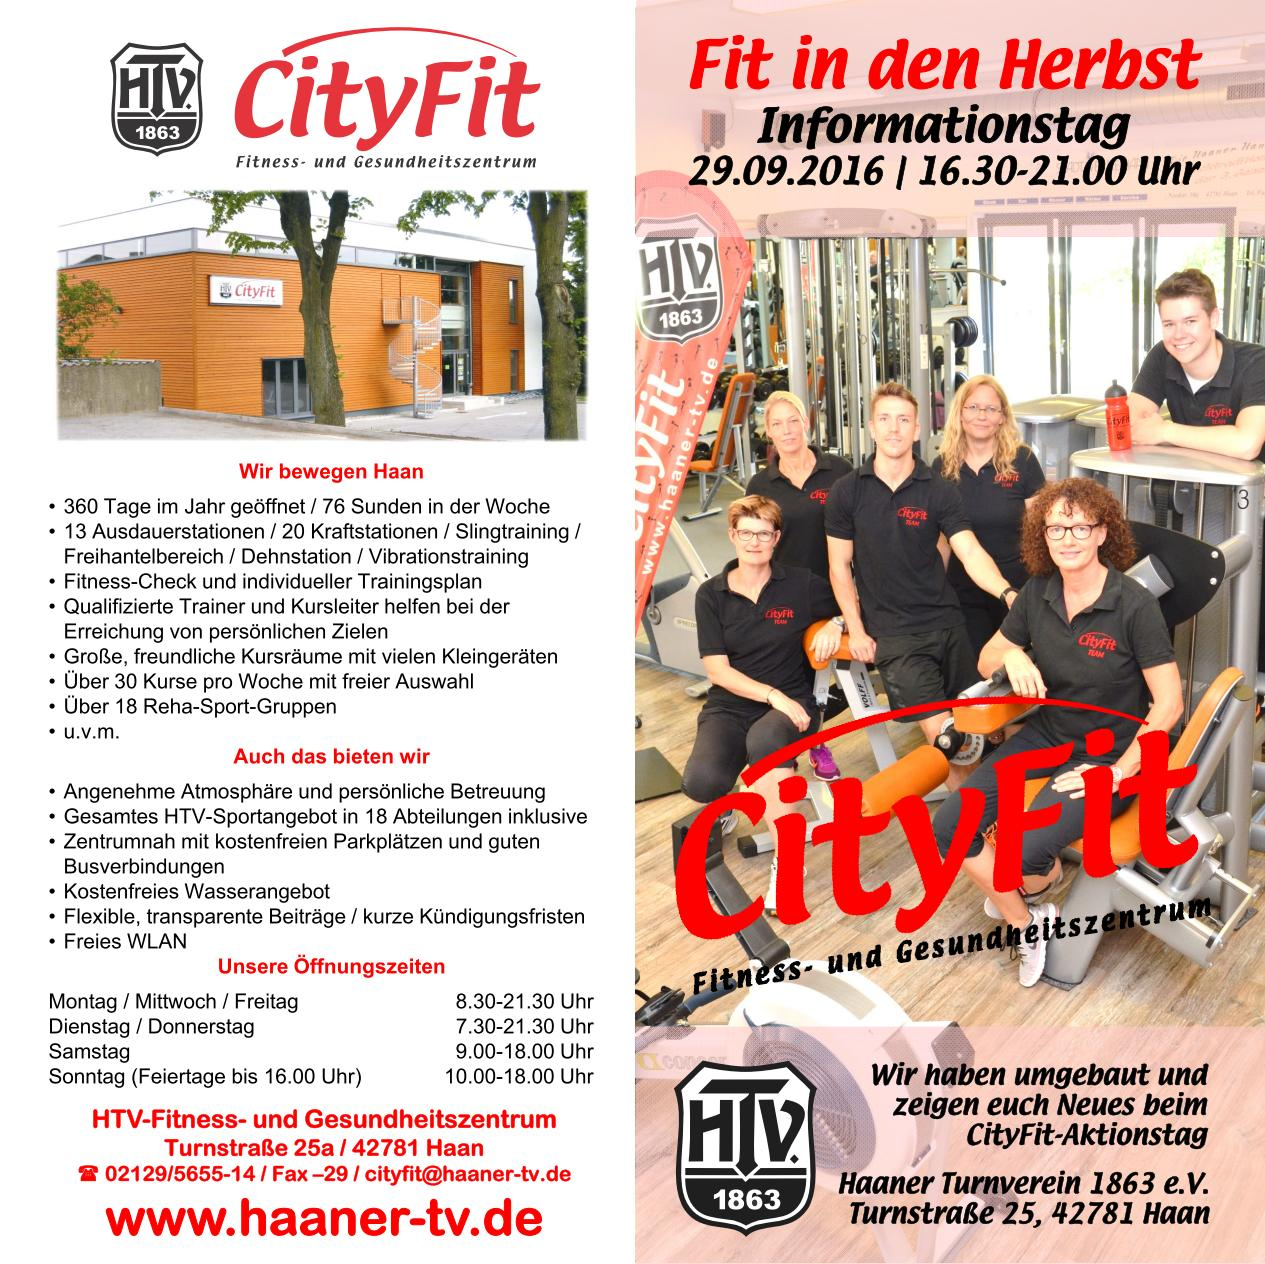 CityFit-Infotag - Umbau und neue Geräte